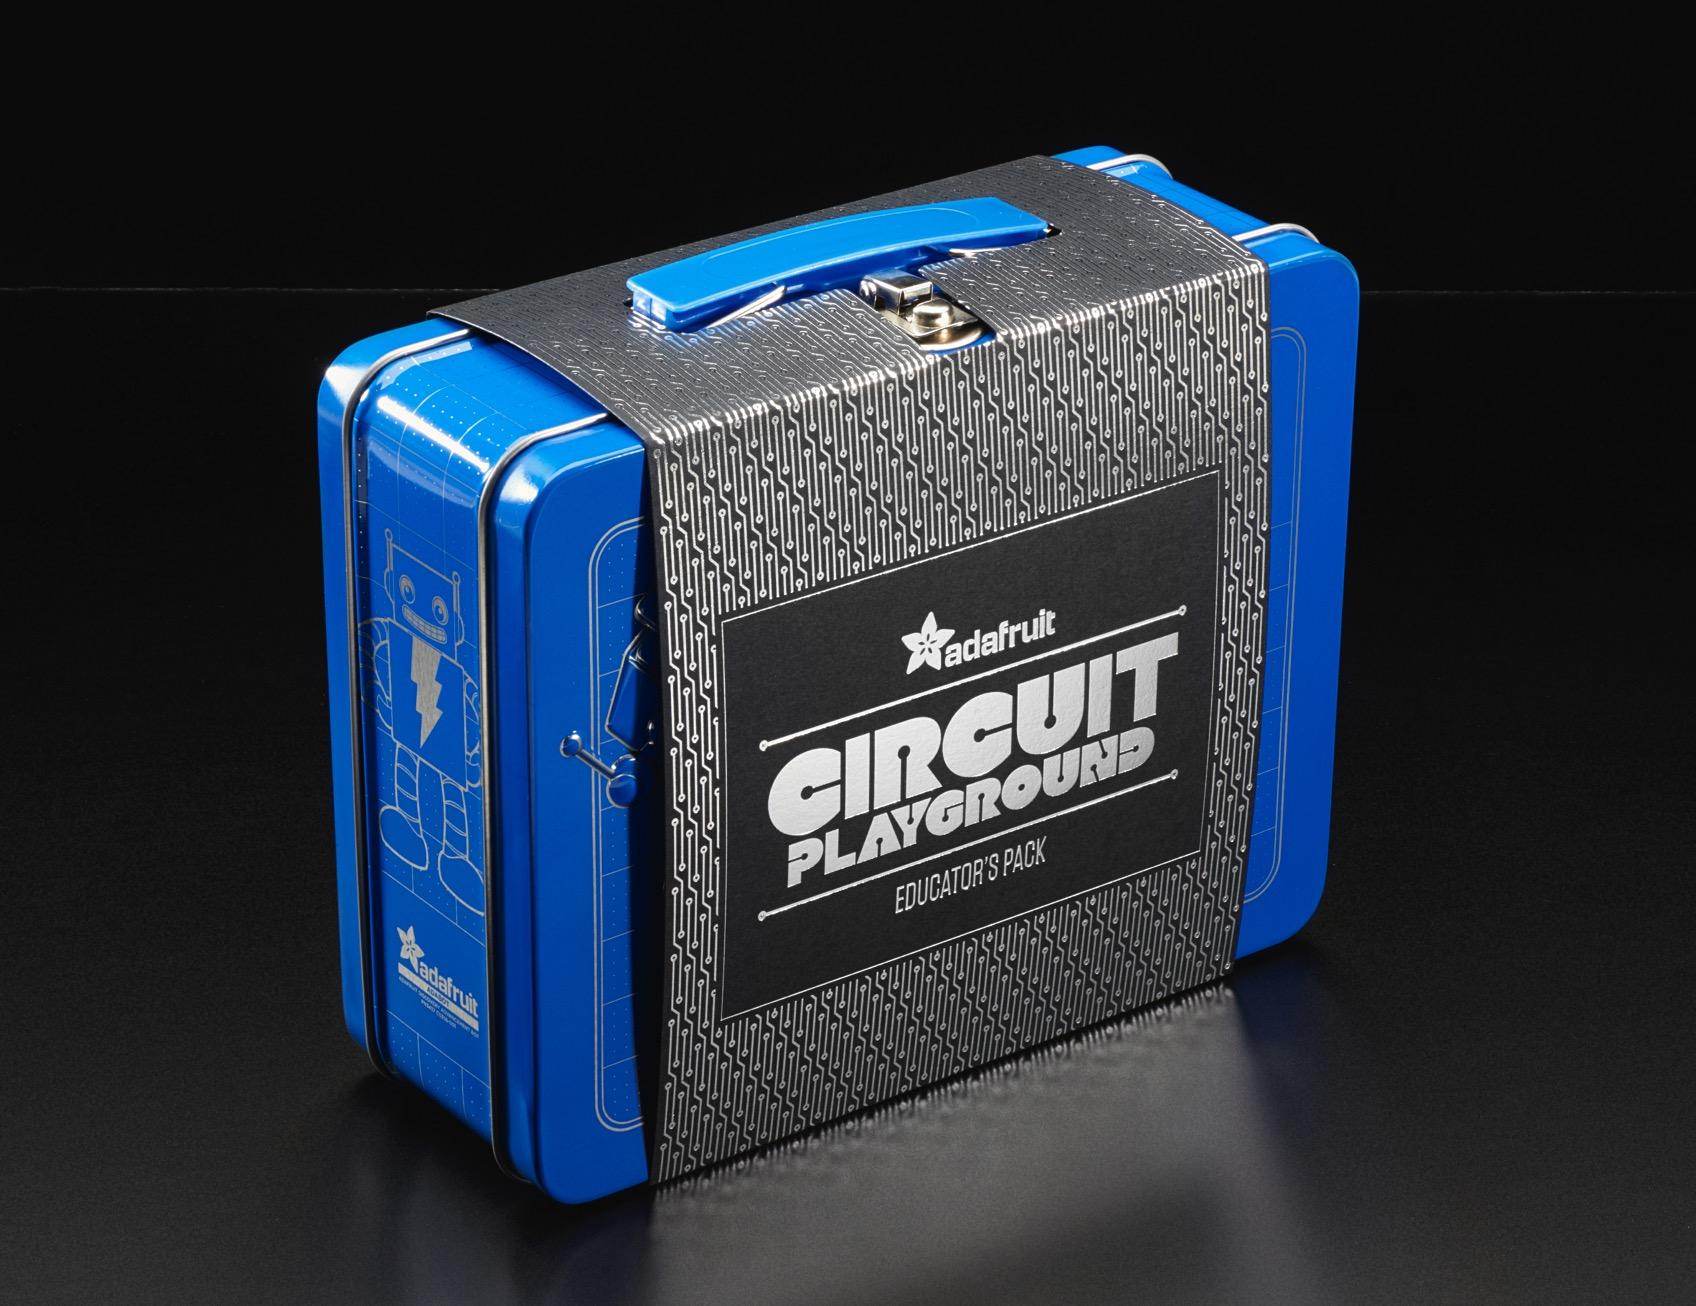 Circuit Playground Educators Pack iso packaging ORIG